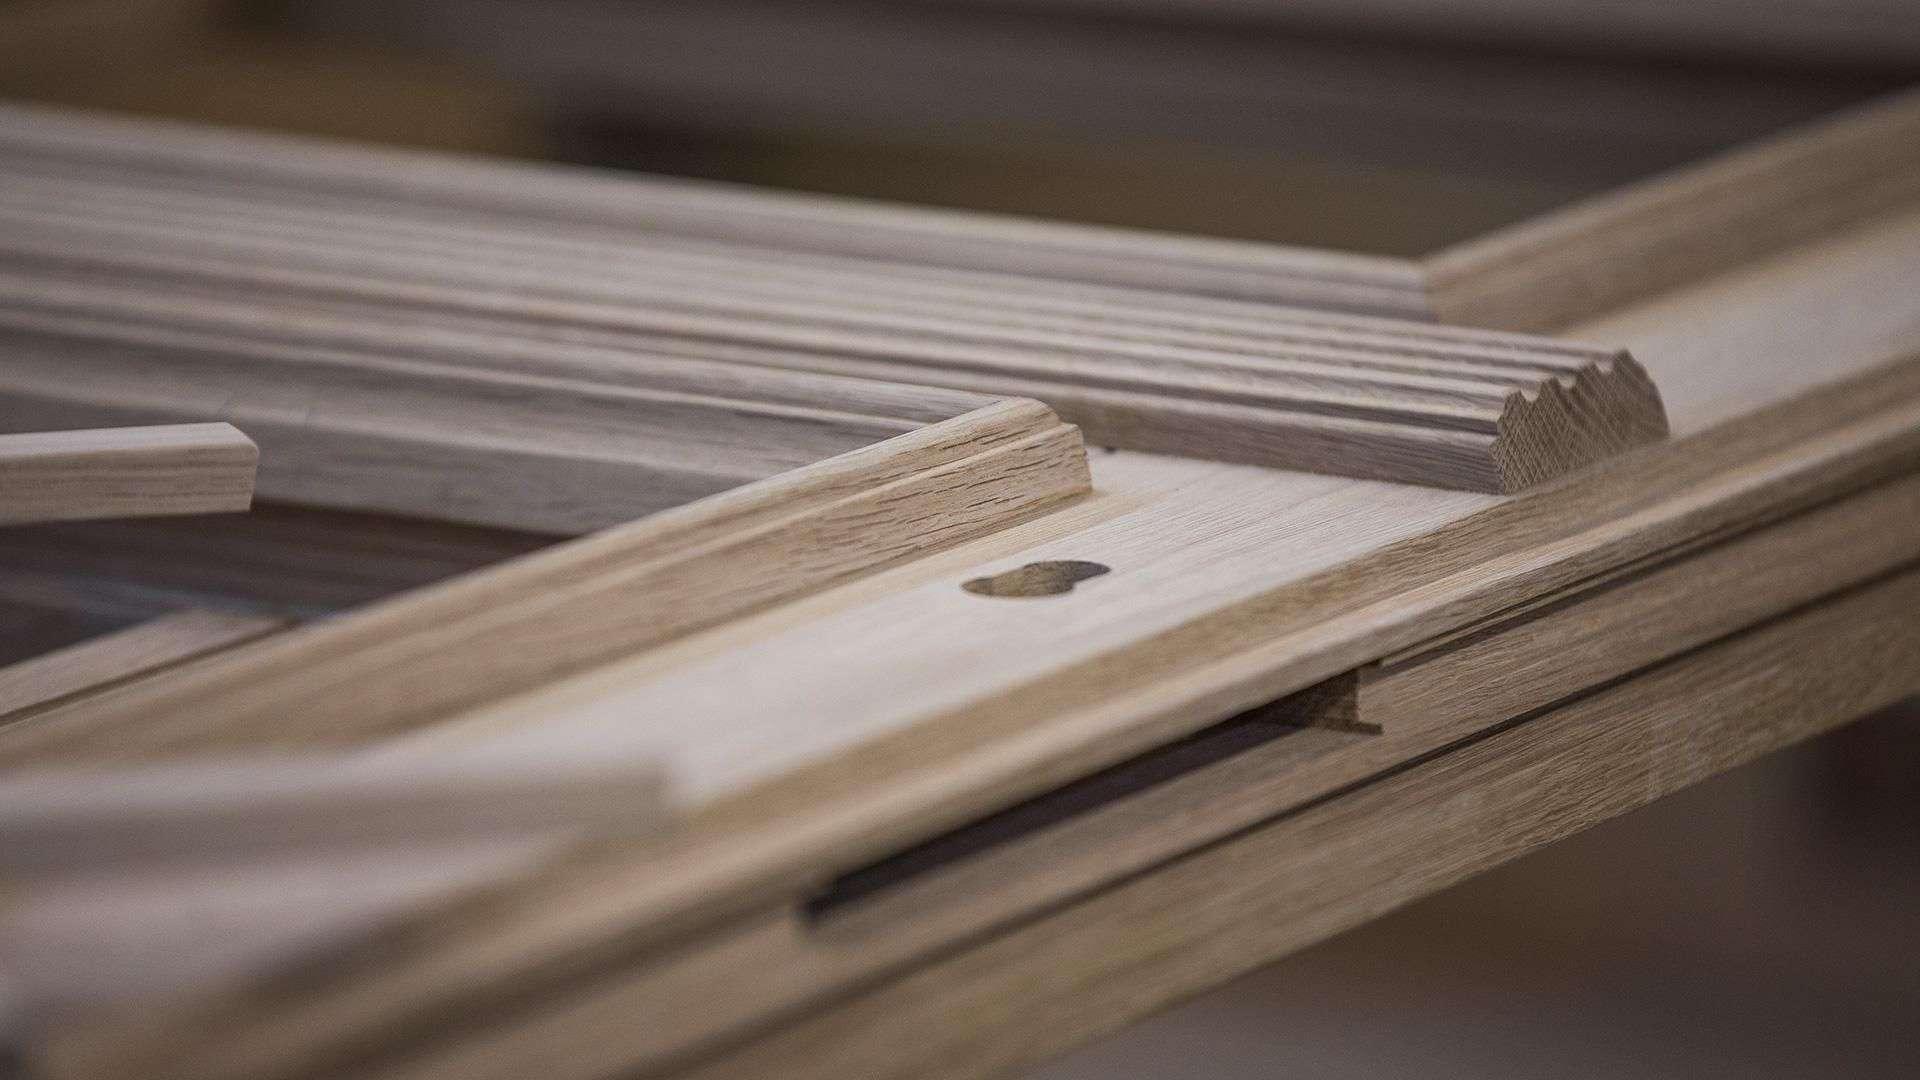 Nahansicht eines Holzfensters, welches sich noch im Bau befindet